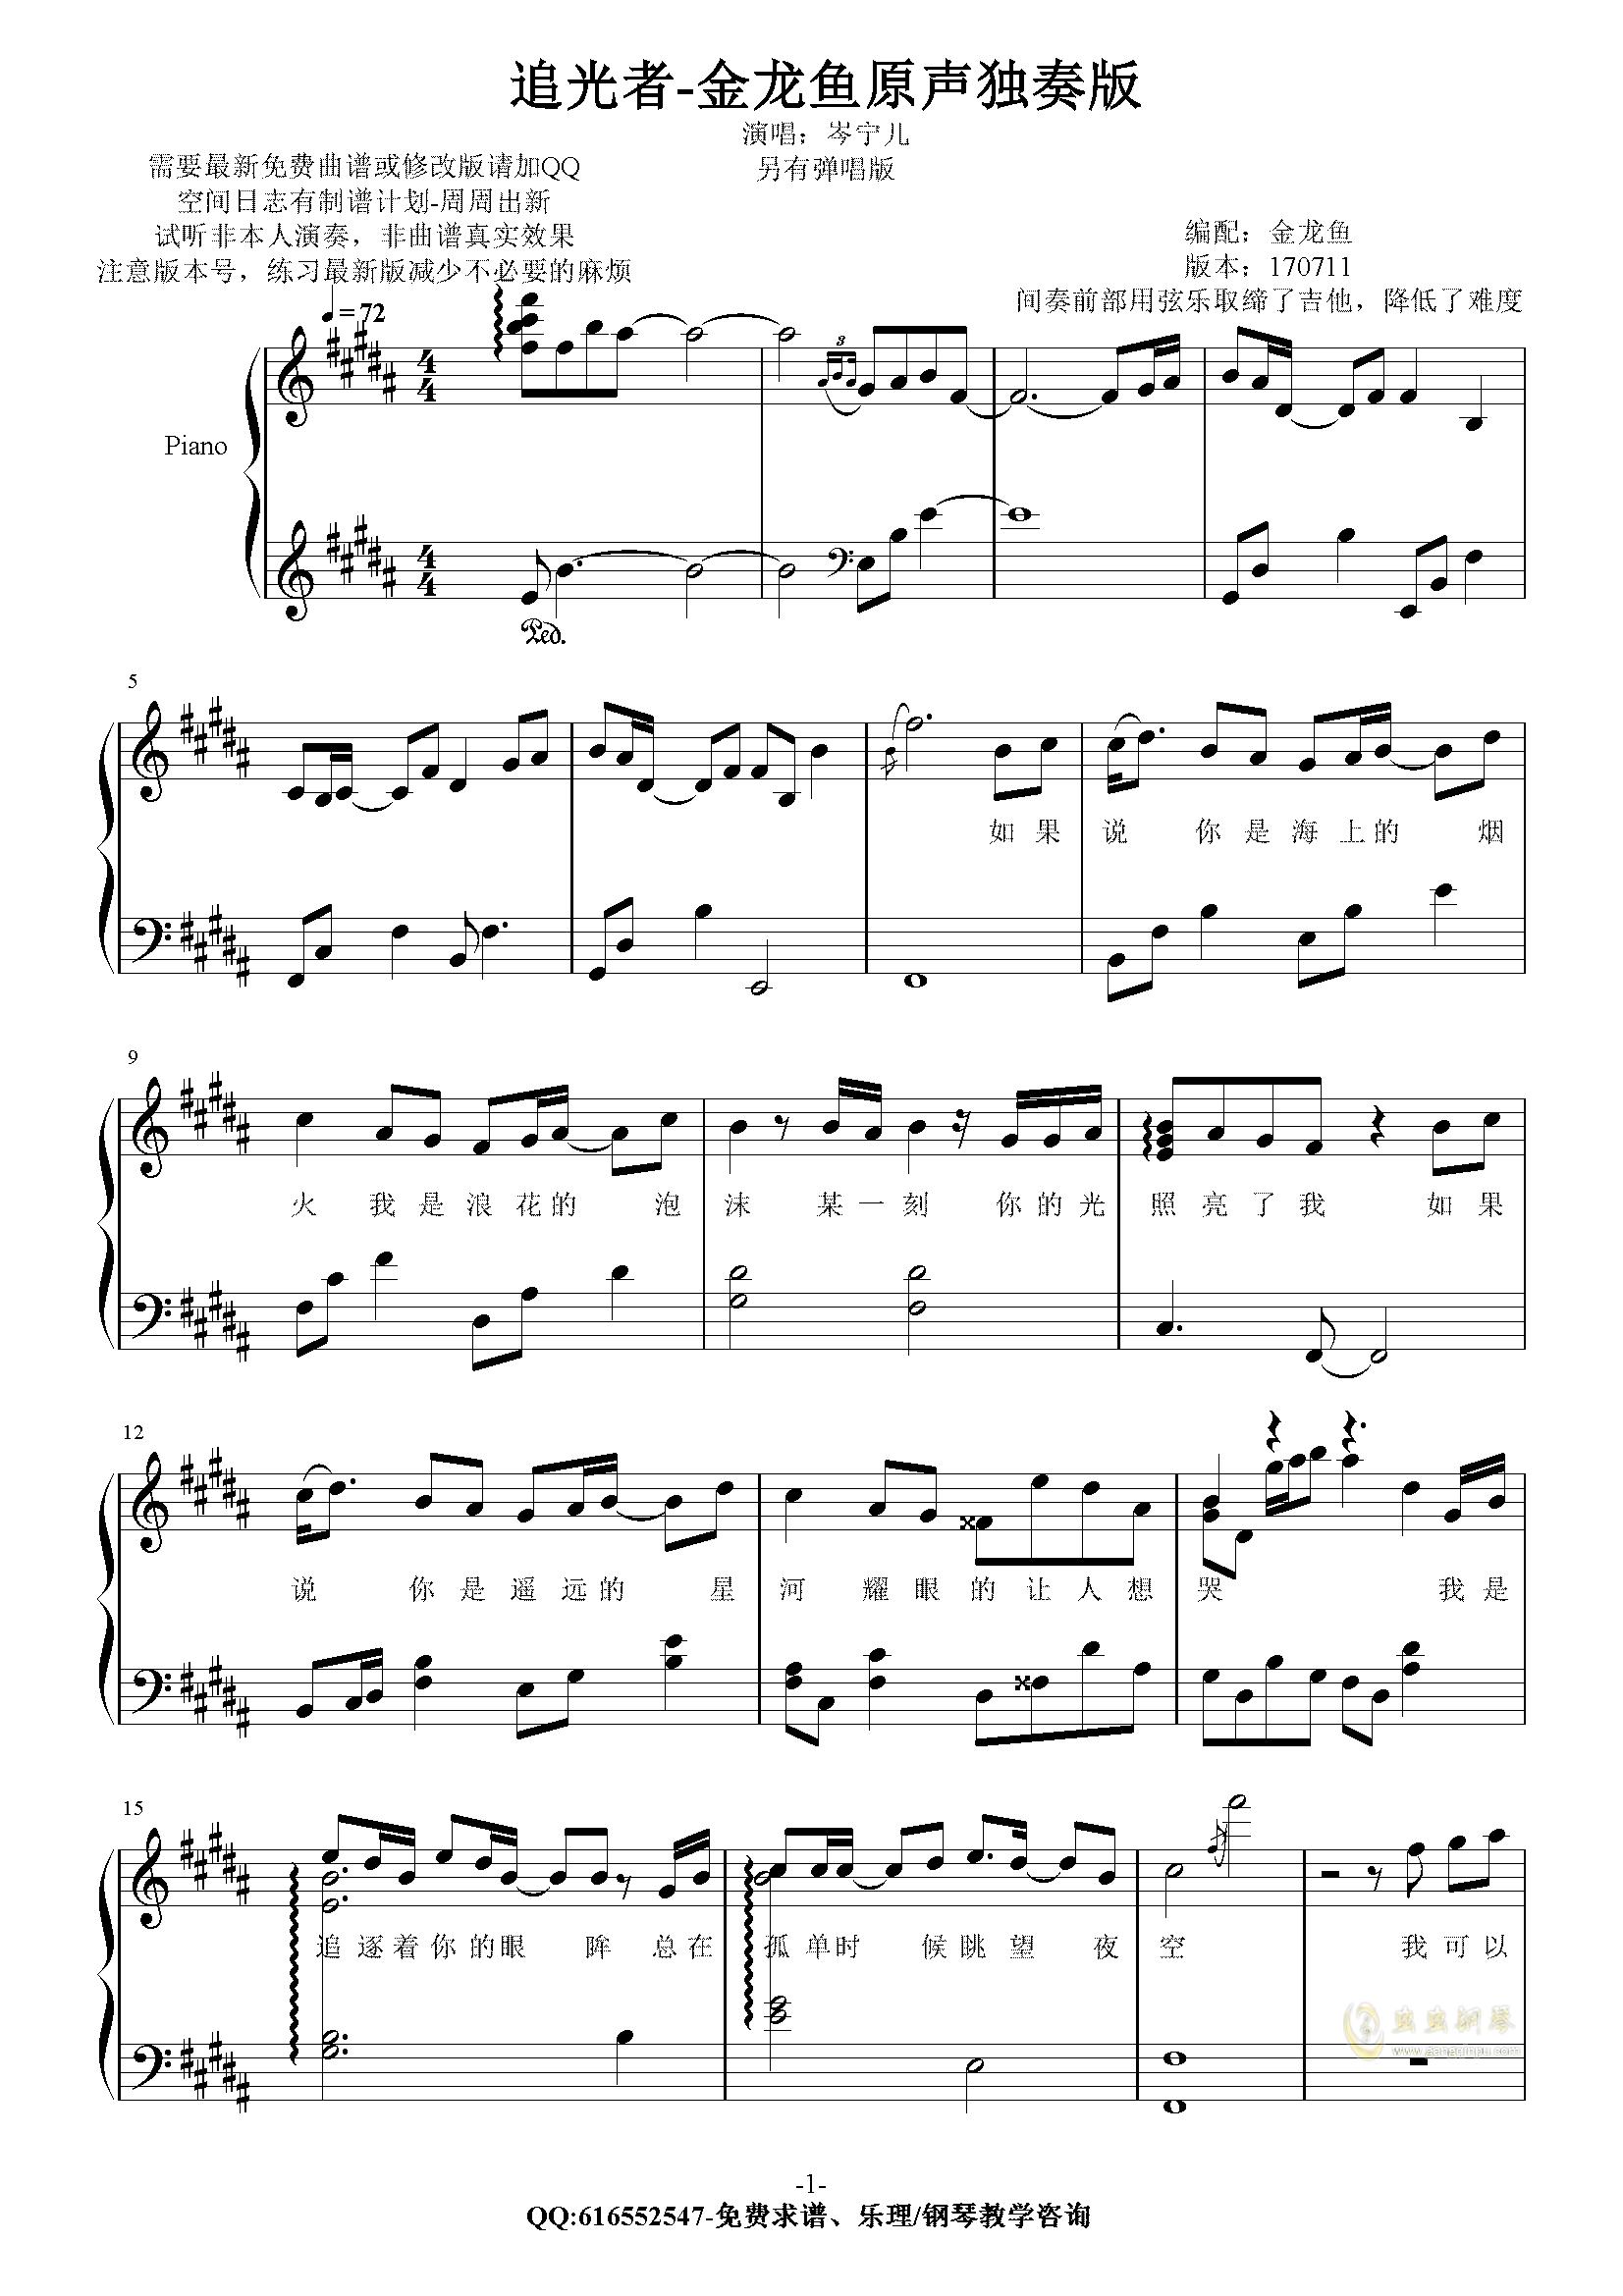 追光者简谱(歌词)-岑宁儿演唱-电视剧《夏至未至》插曲-琴艺谱